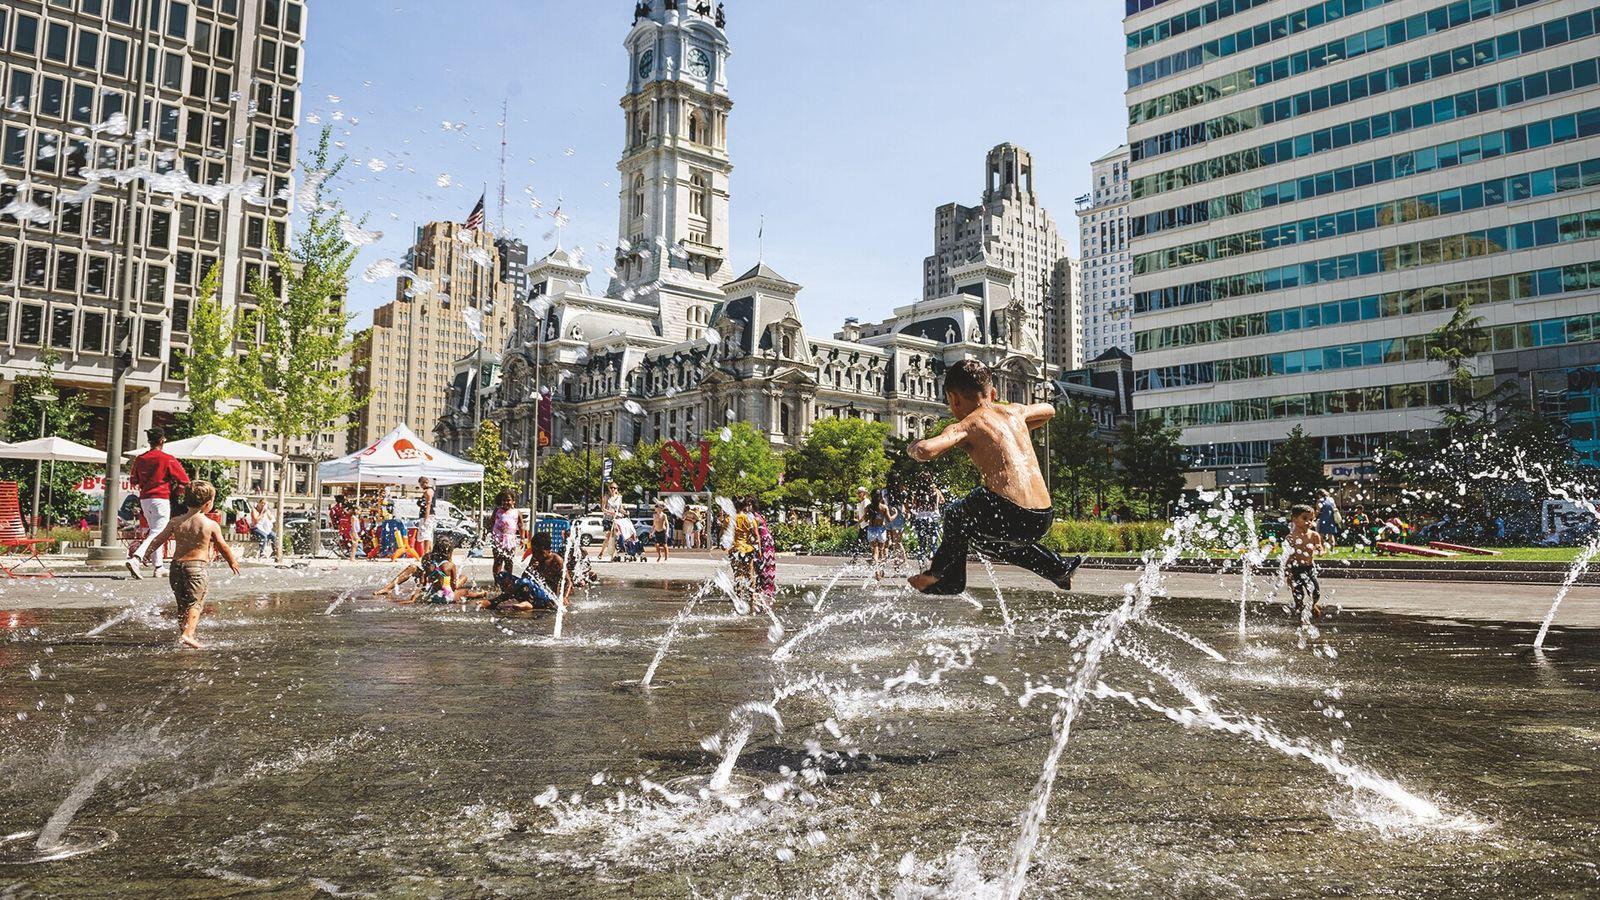 Au cœur de Philadelphie, la visite du Love Park est incontournable. Baptisé John F. Kennedy Plaza, ...